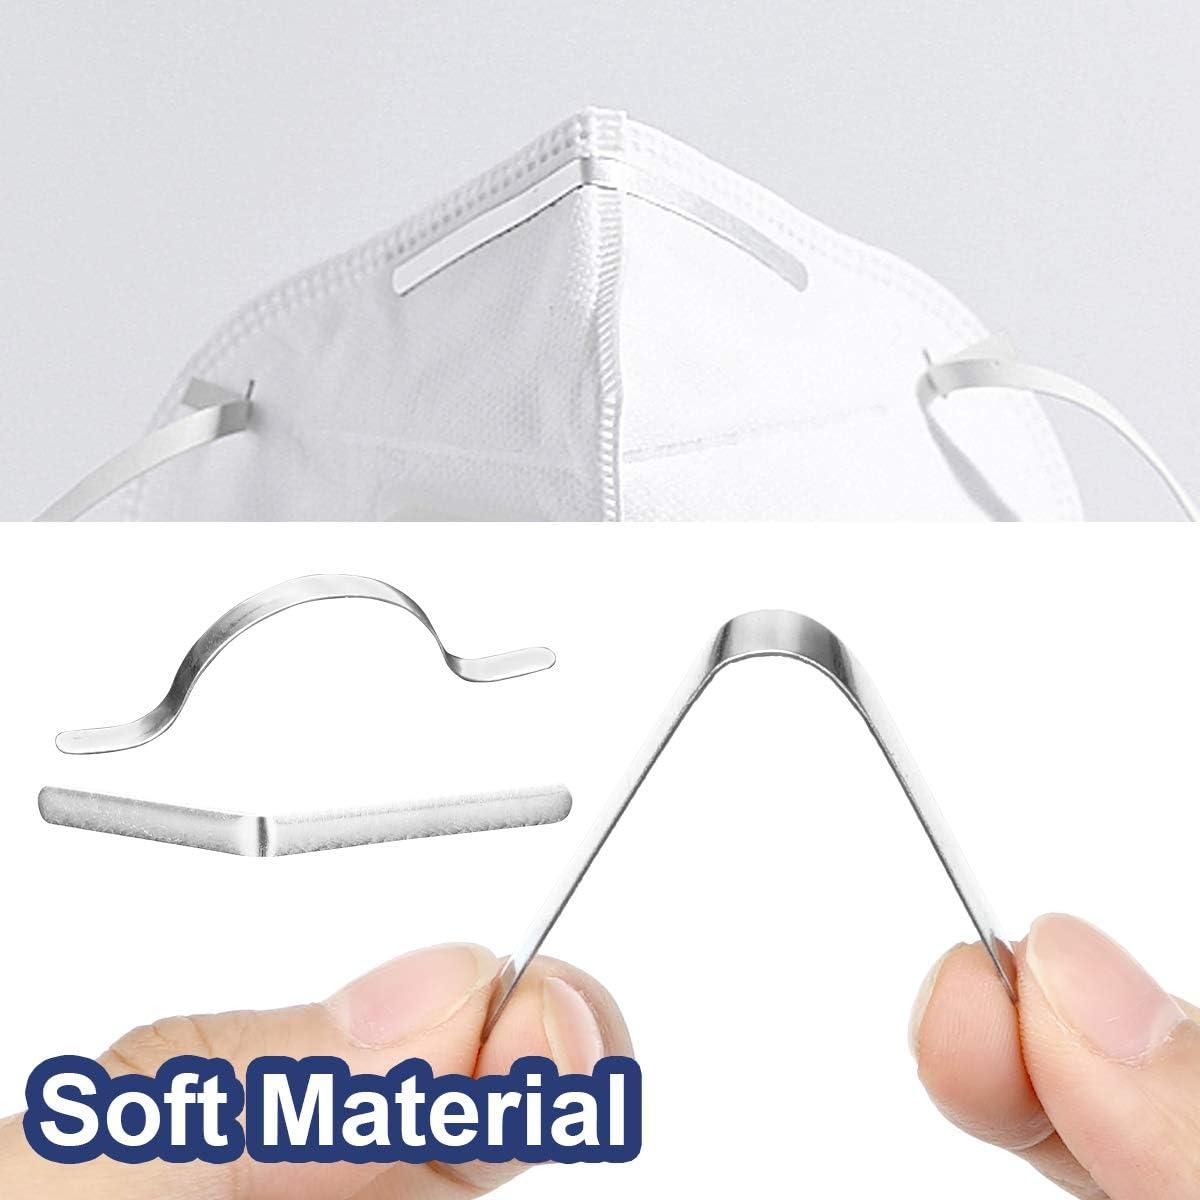 Herefun 200 Tiras de Puente Nariz Clip accesorios manualidades aluminio para puente nariz soporte para puente la nariz autoadhesivo de metal plano para soporte para puente la nariz DIY Cubierta Cara